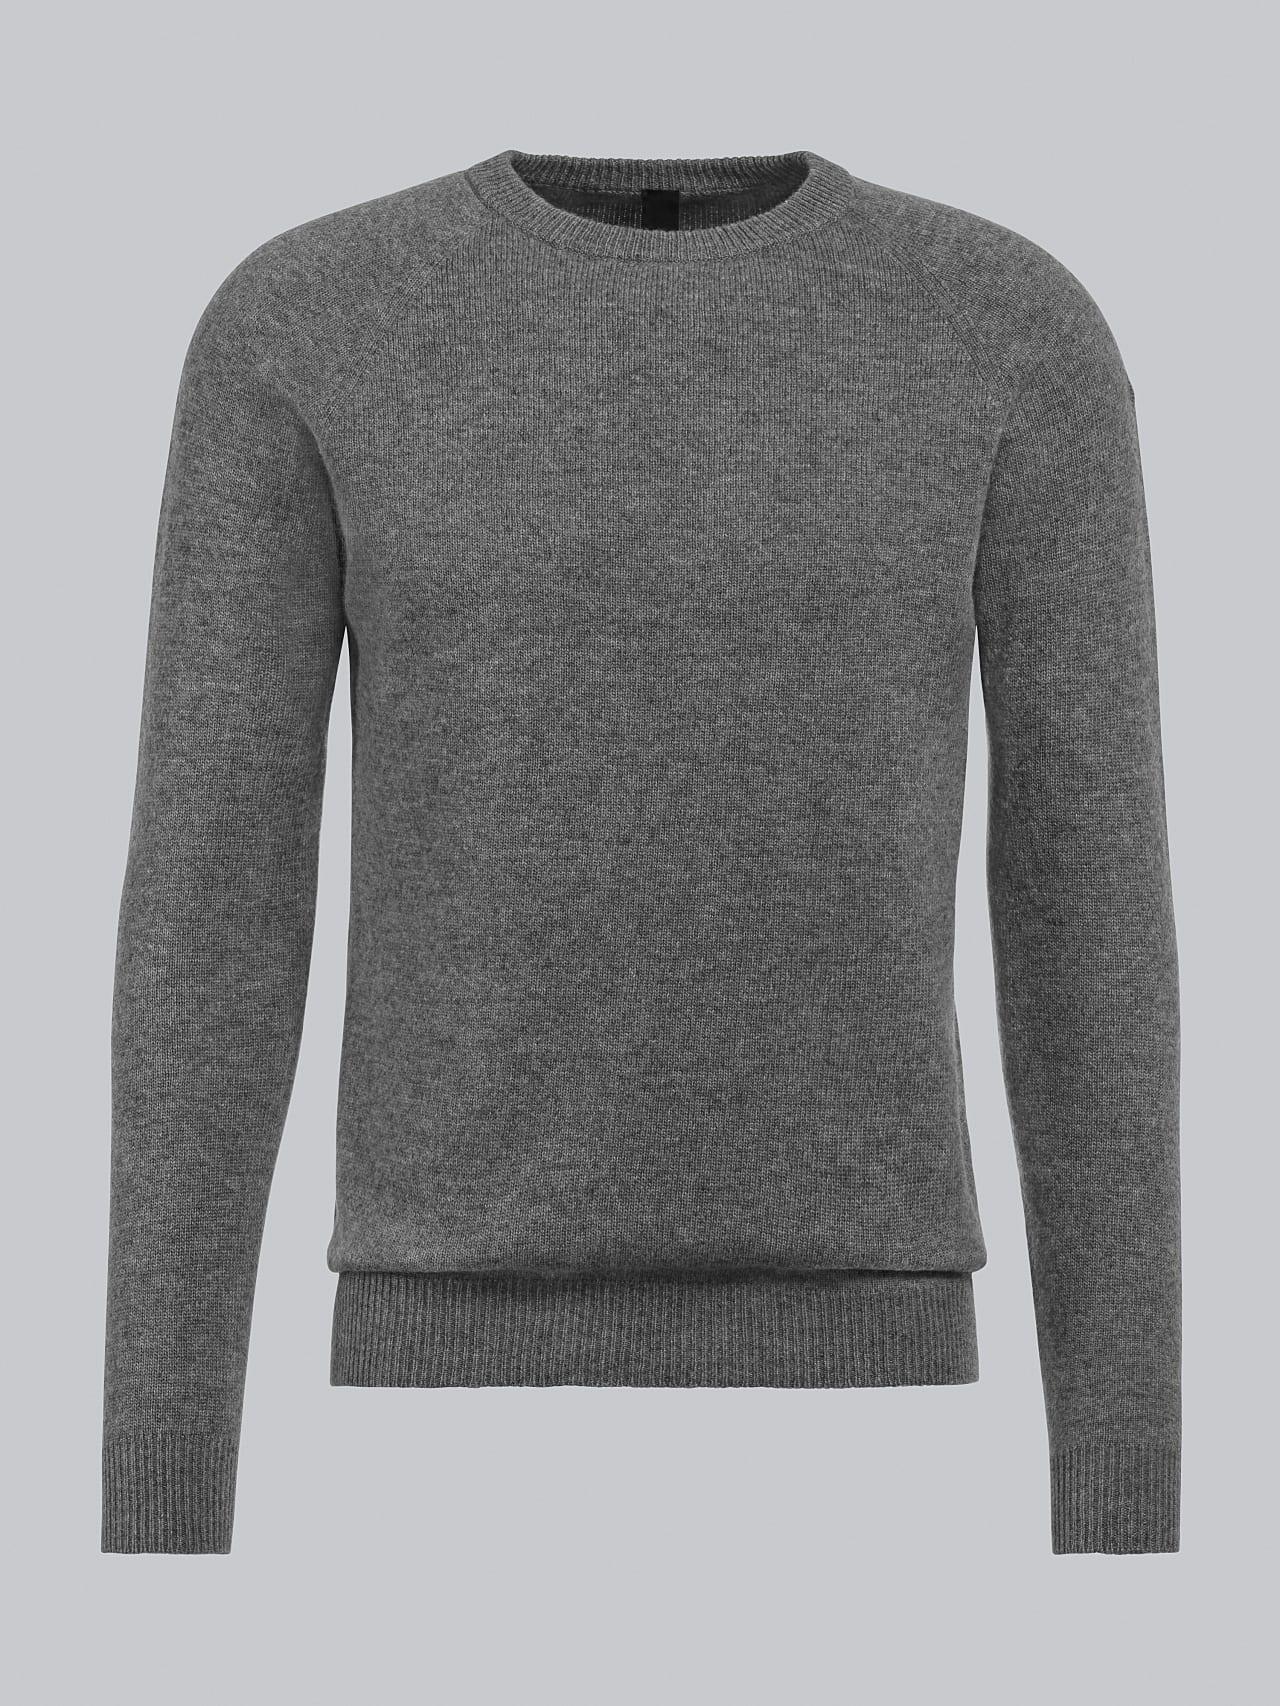 FLACK V2.Y4.02 Premium 3D Knit Merino-Cashmere Jumper grey / melange Back Alpha Tauri